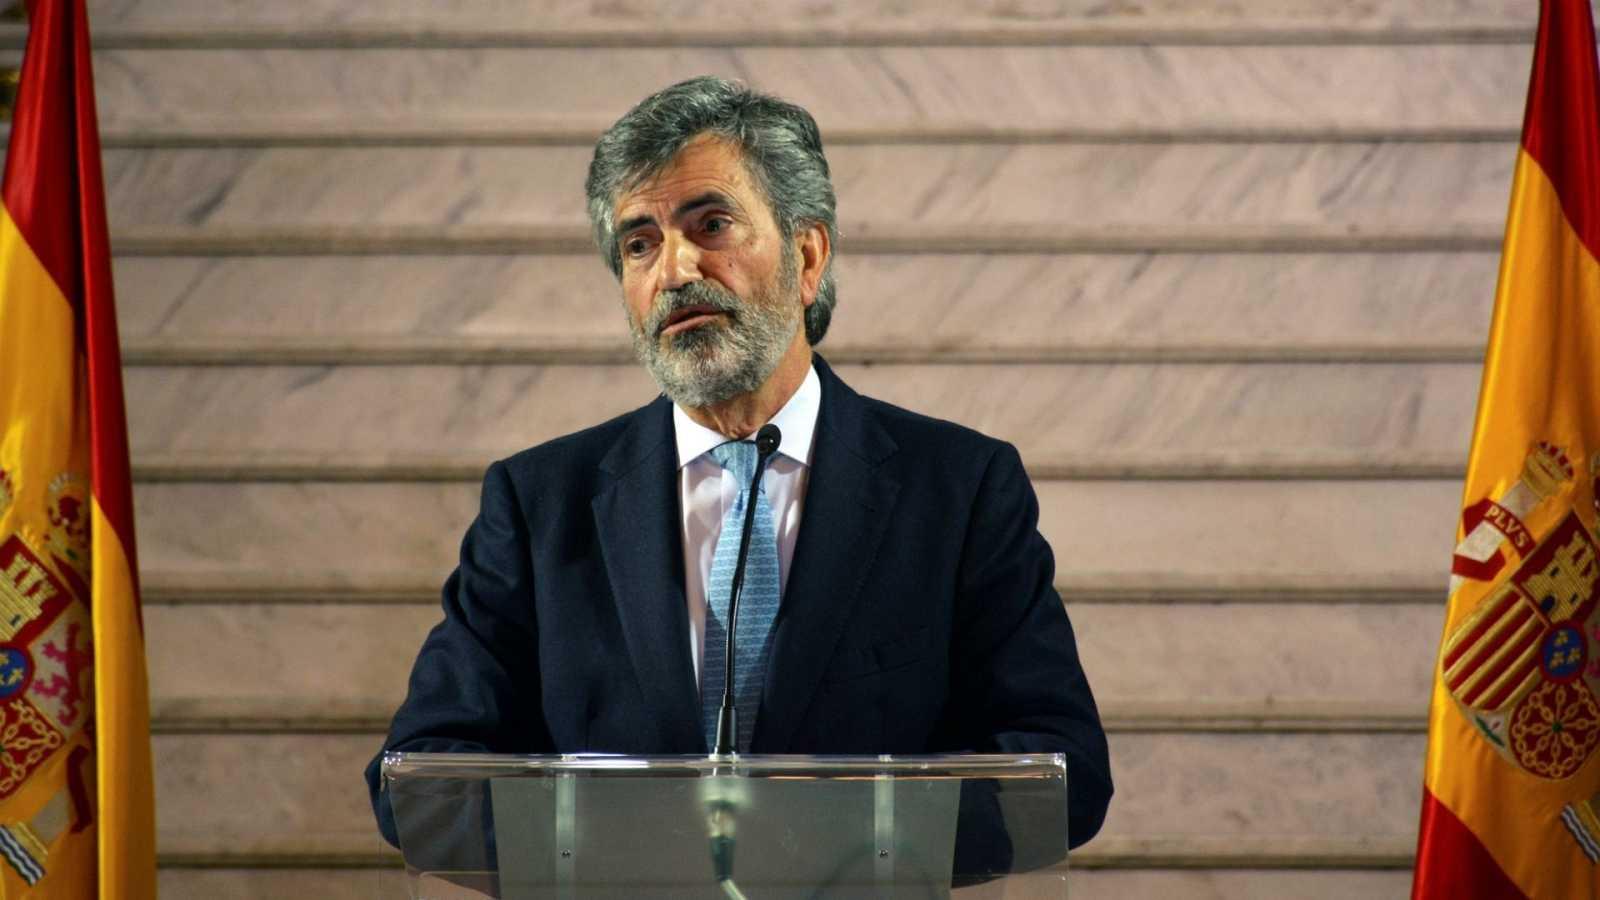 14 horas - El veto del PP a los jueces De Prada y Rosell bloquea la renovación del CGPJ - Escuchar ahora